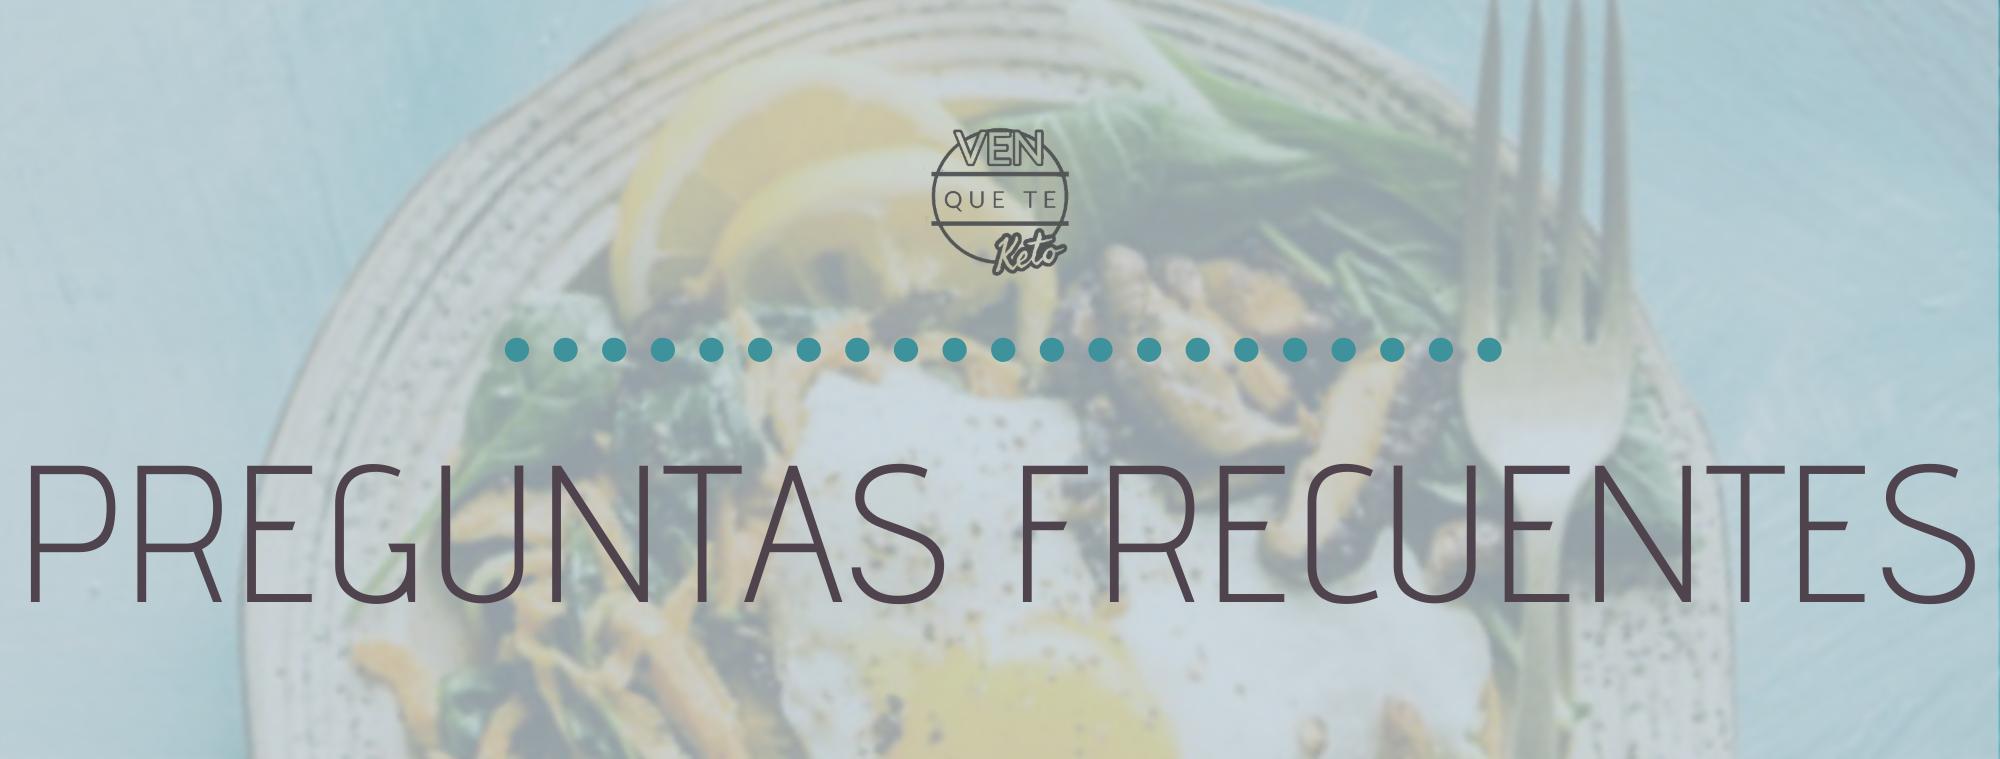 bannerspreguntasfrec  - Preguntas Frecuentes